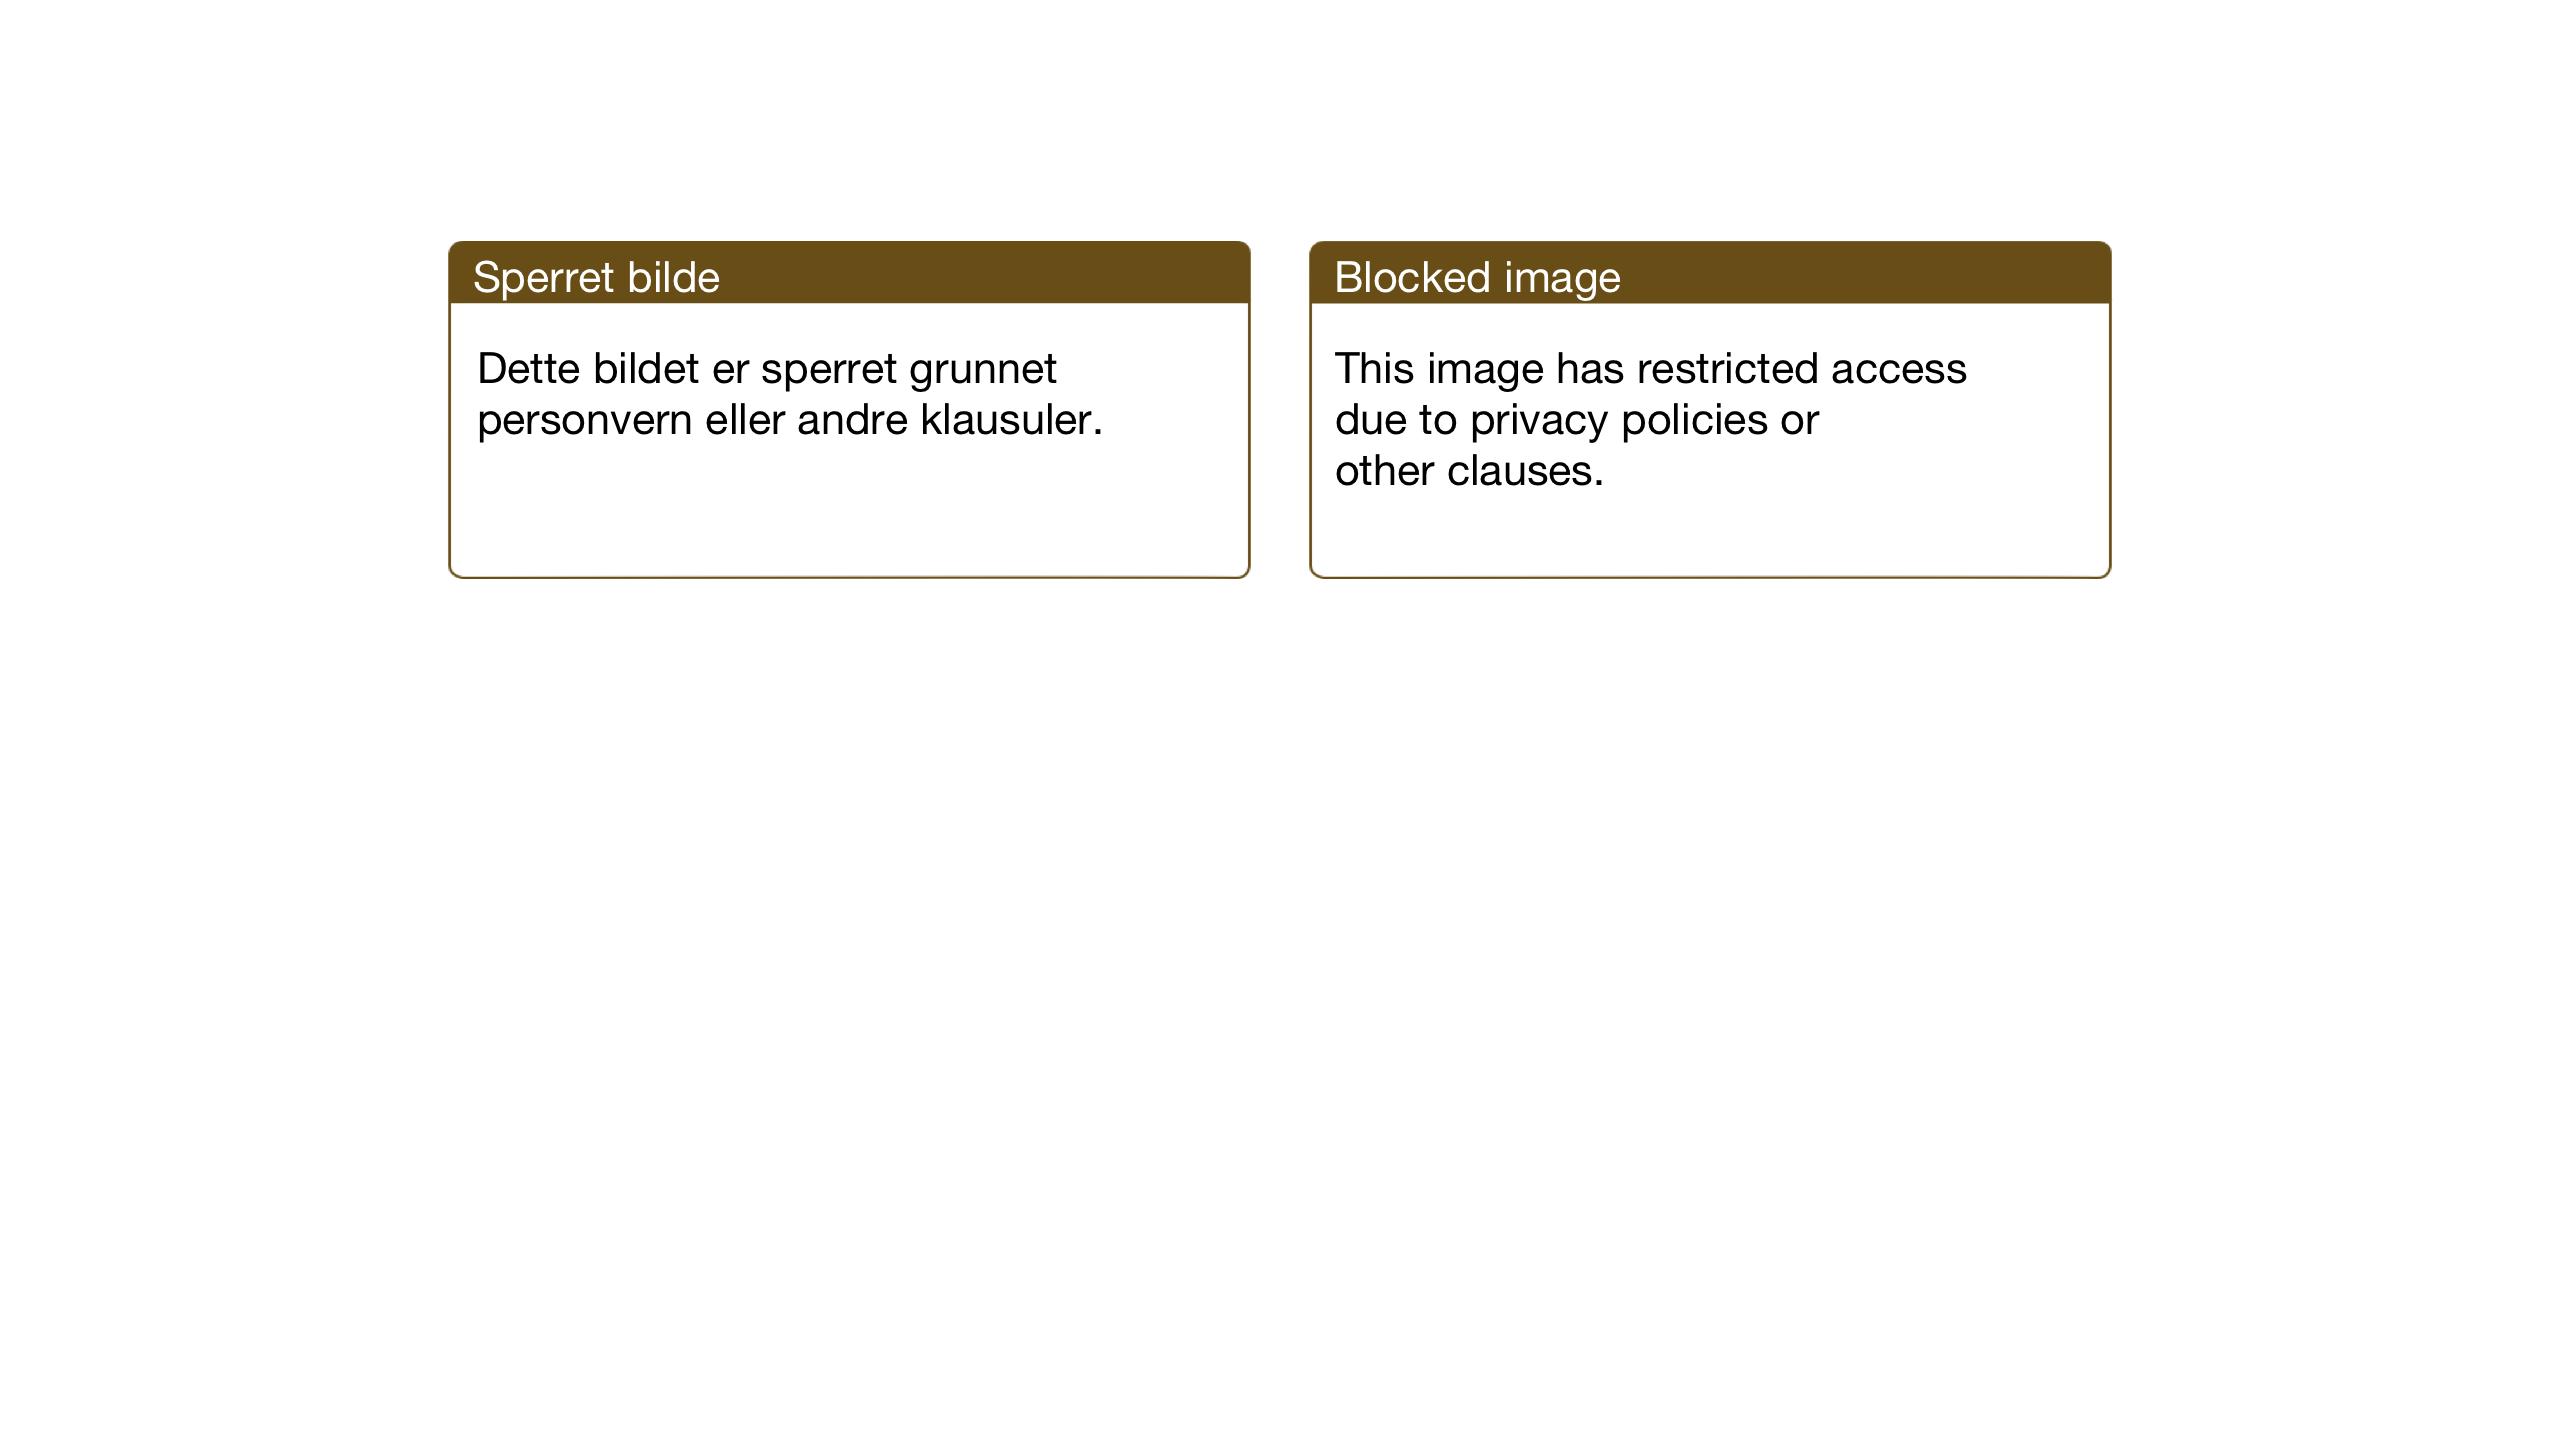 SAT, Ministerialprotokoller, klokkerbøker og fødselsregistre - Sør-Trøndelag, 608/L0343: Klokkerbok nr. 608C09, 1938-1952, s. 30